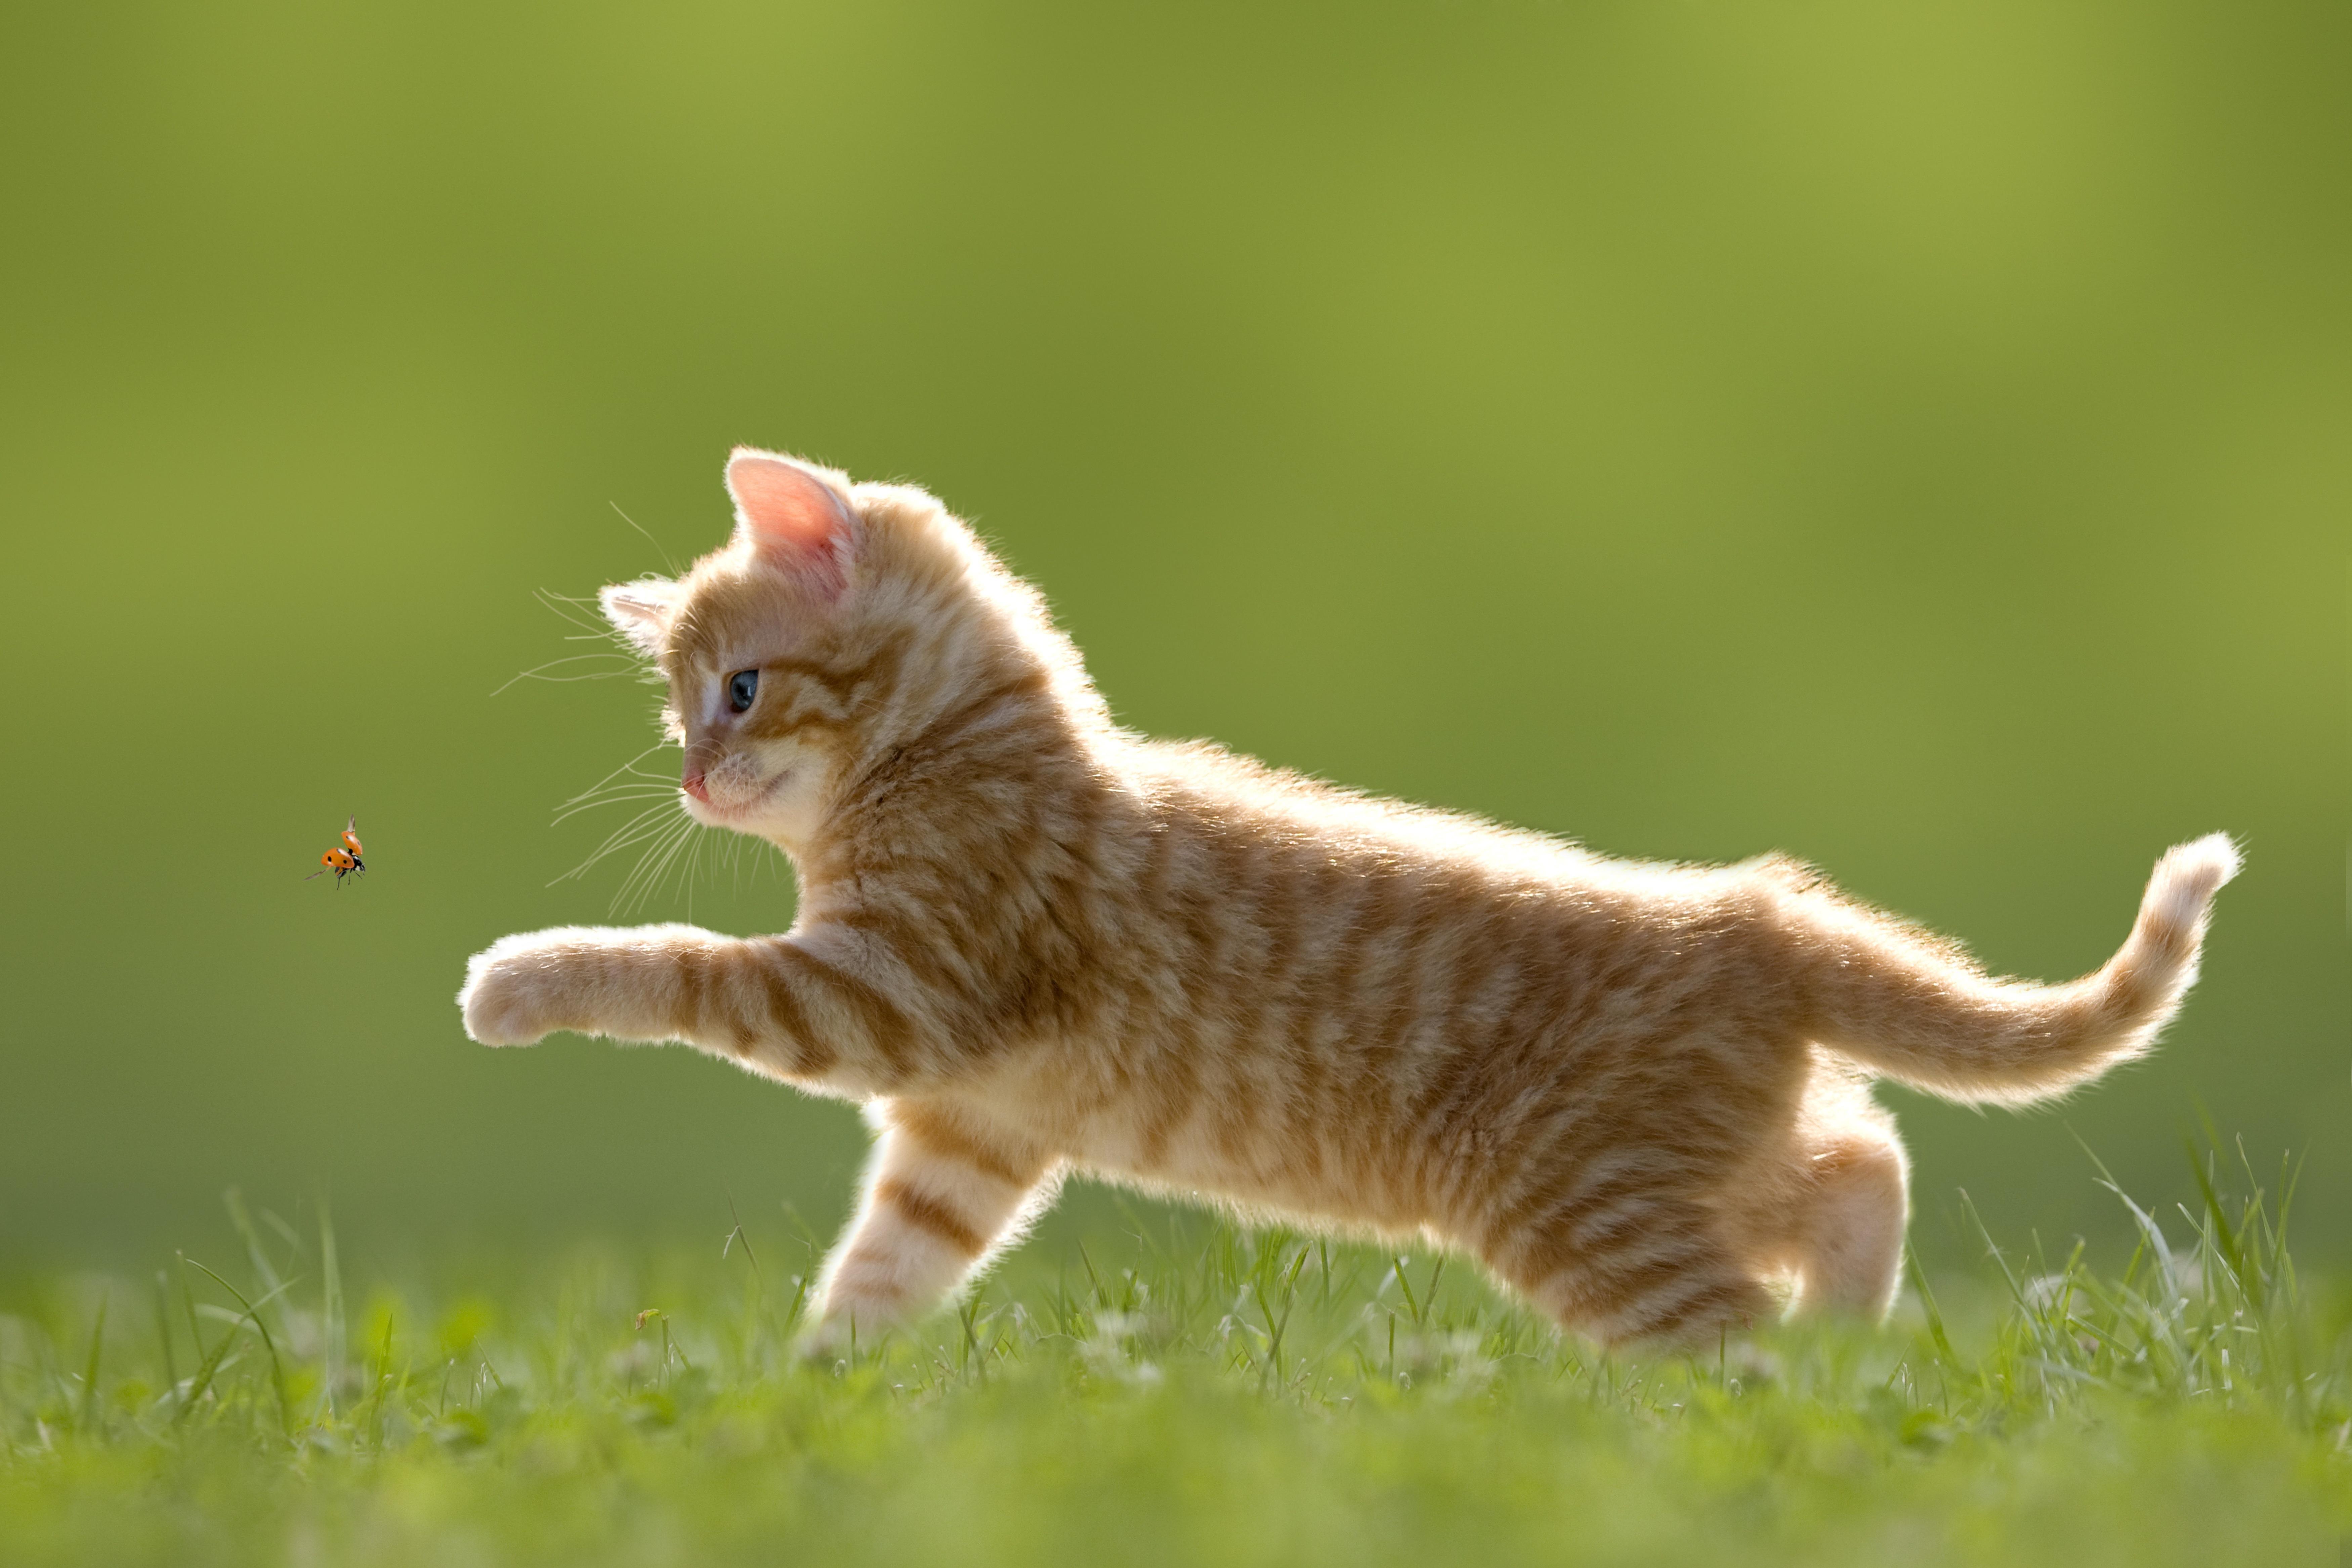 Котенок играющий с кошкой в траве  № 1994894 загрузить